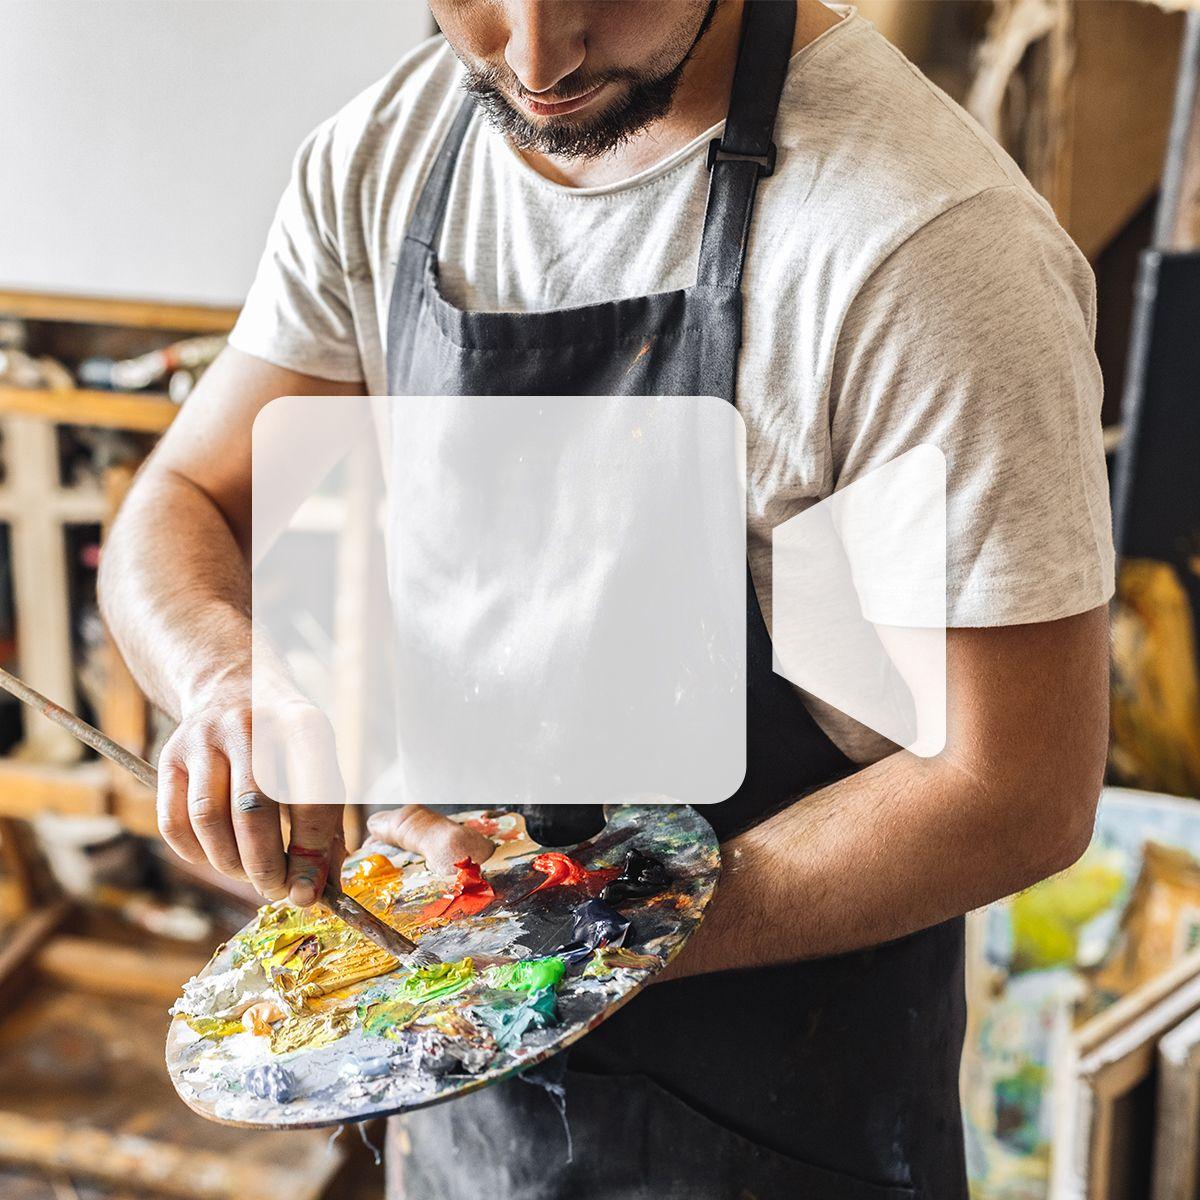 En ligne - Peinture à l'huile et acrylique